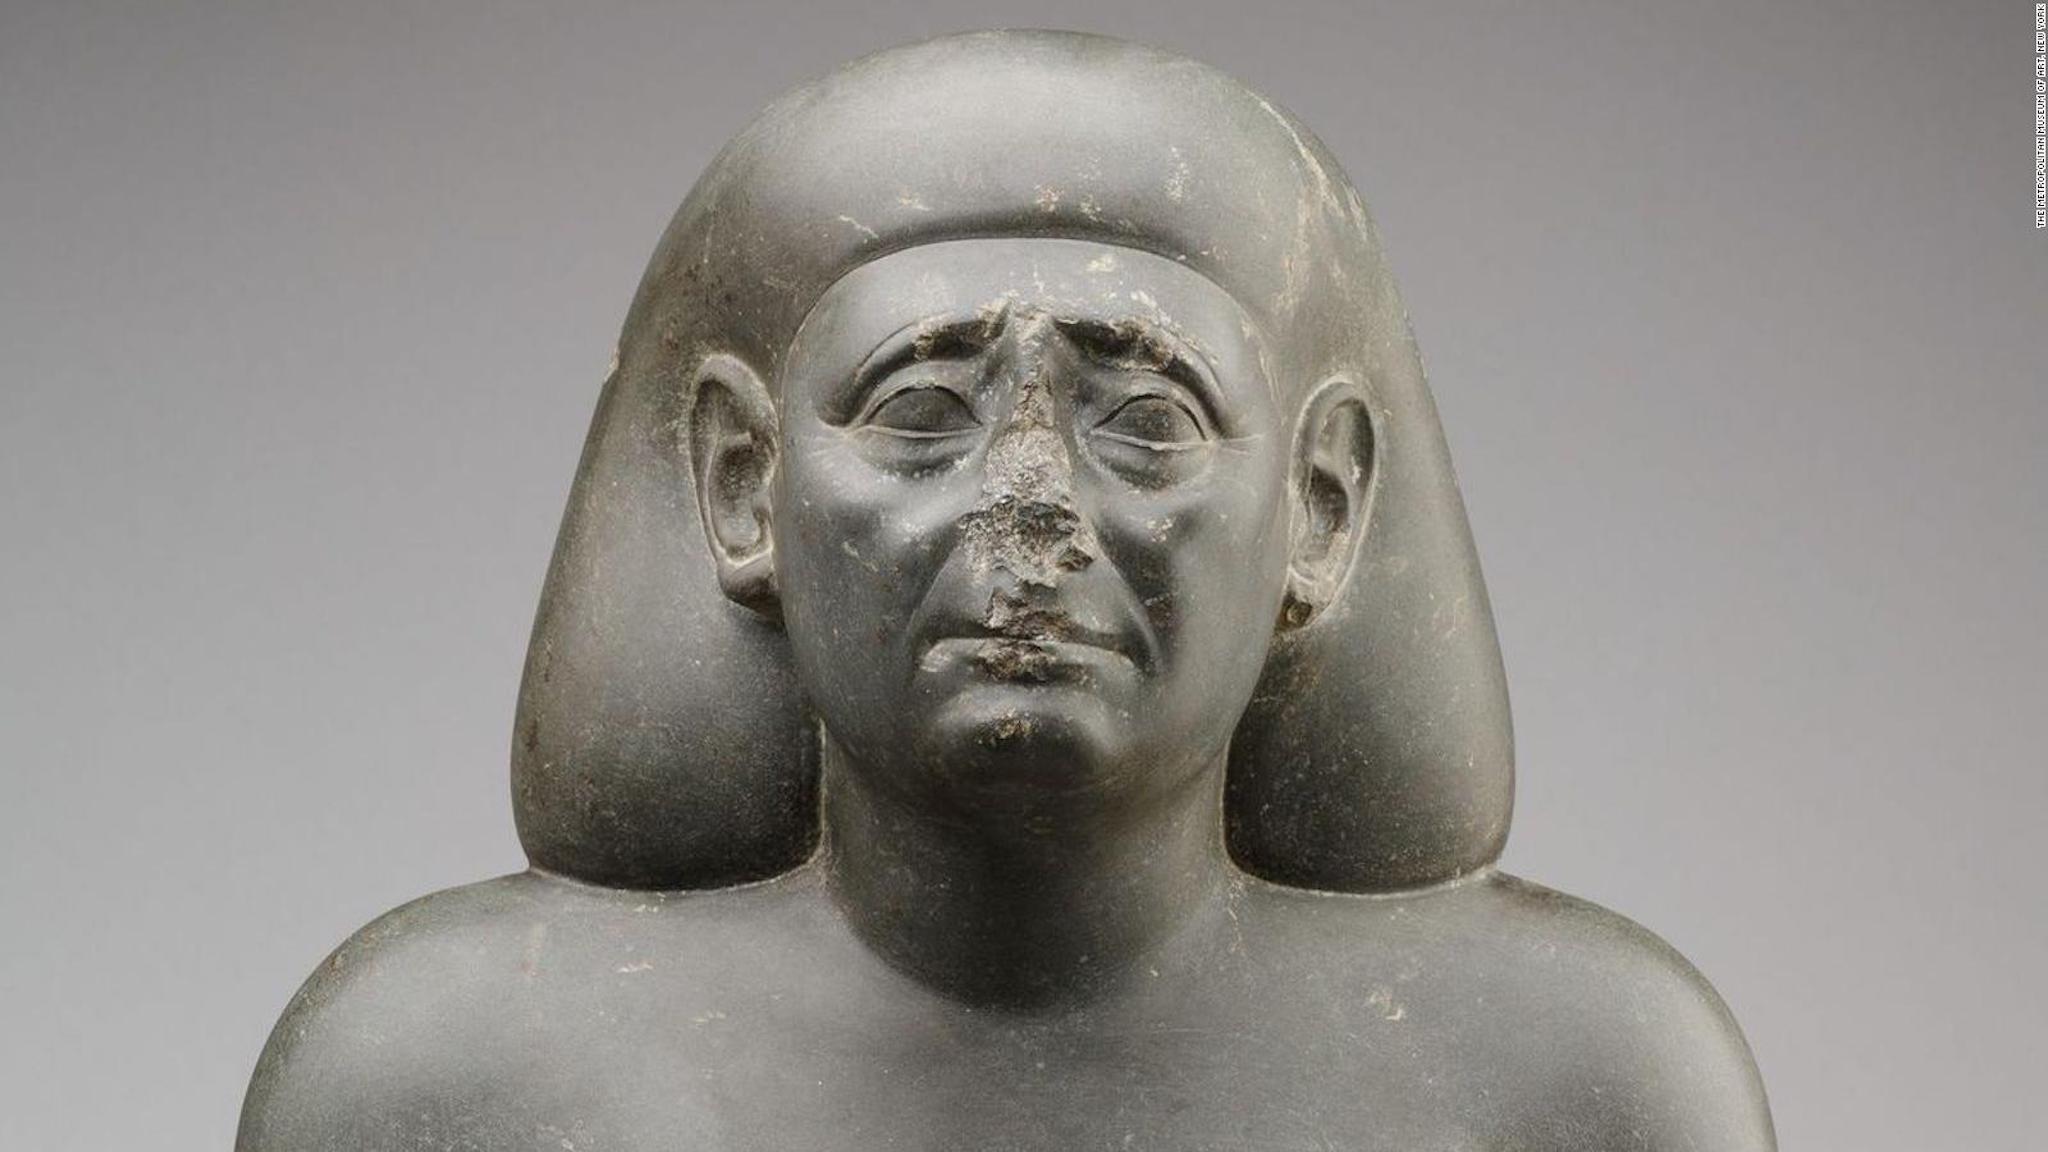 Tại sao những bức tượng Ai Cập cổ đại thường bị mất mũi? - 2